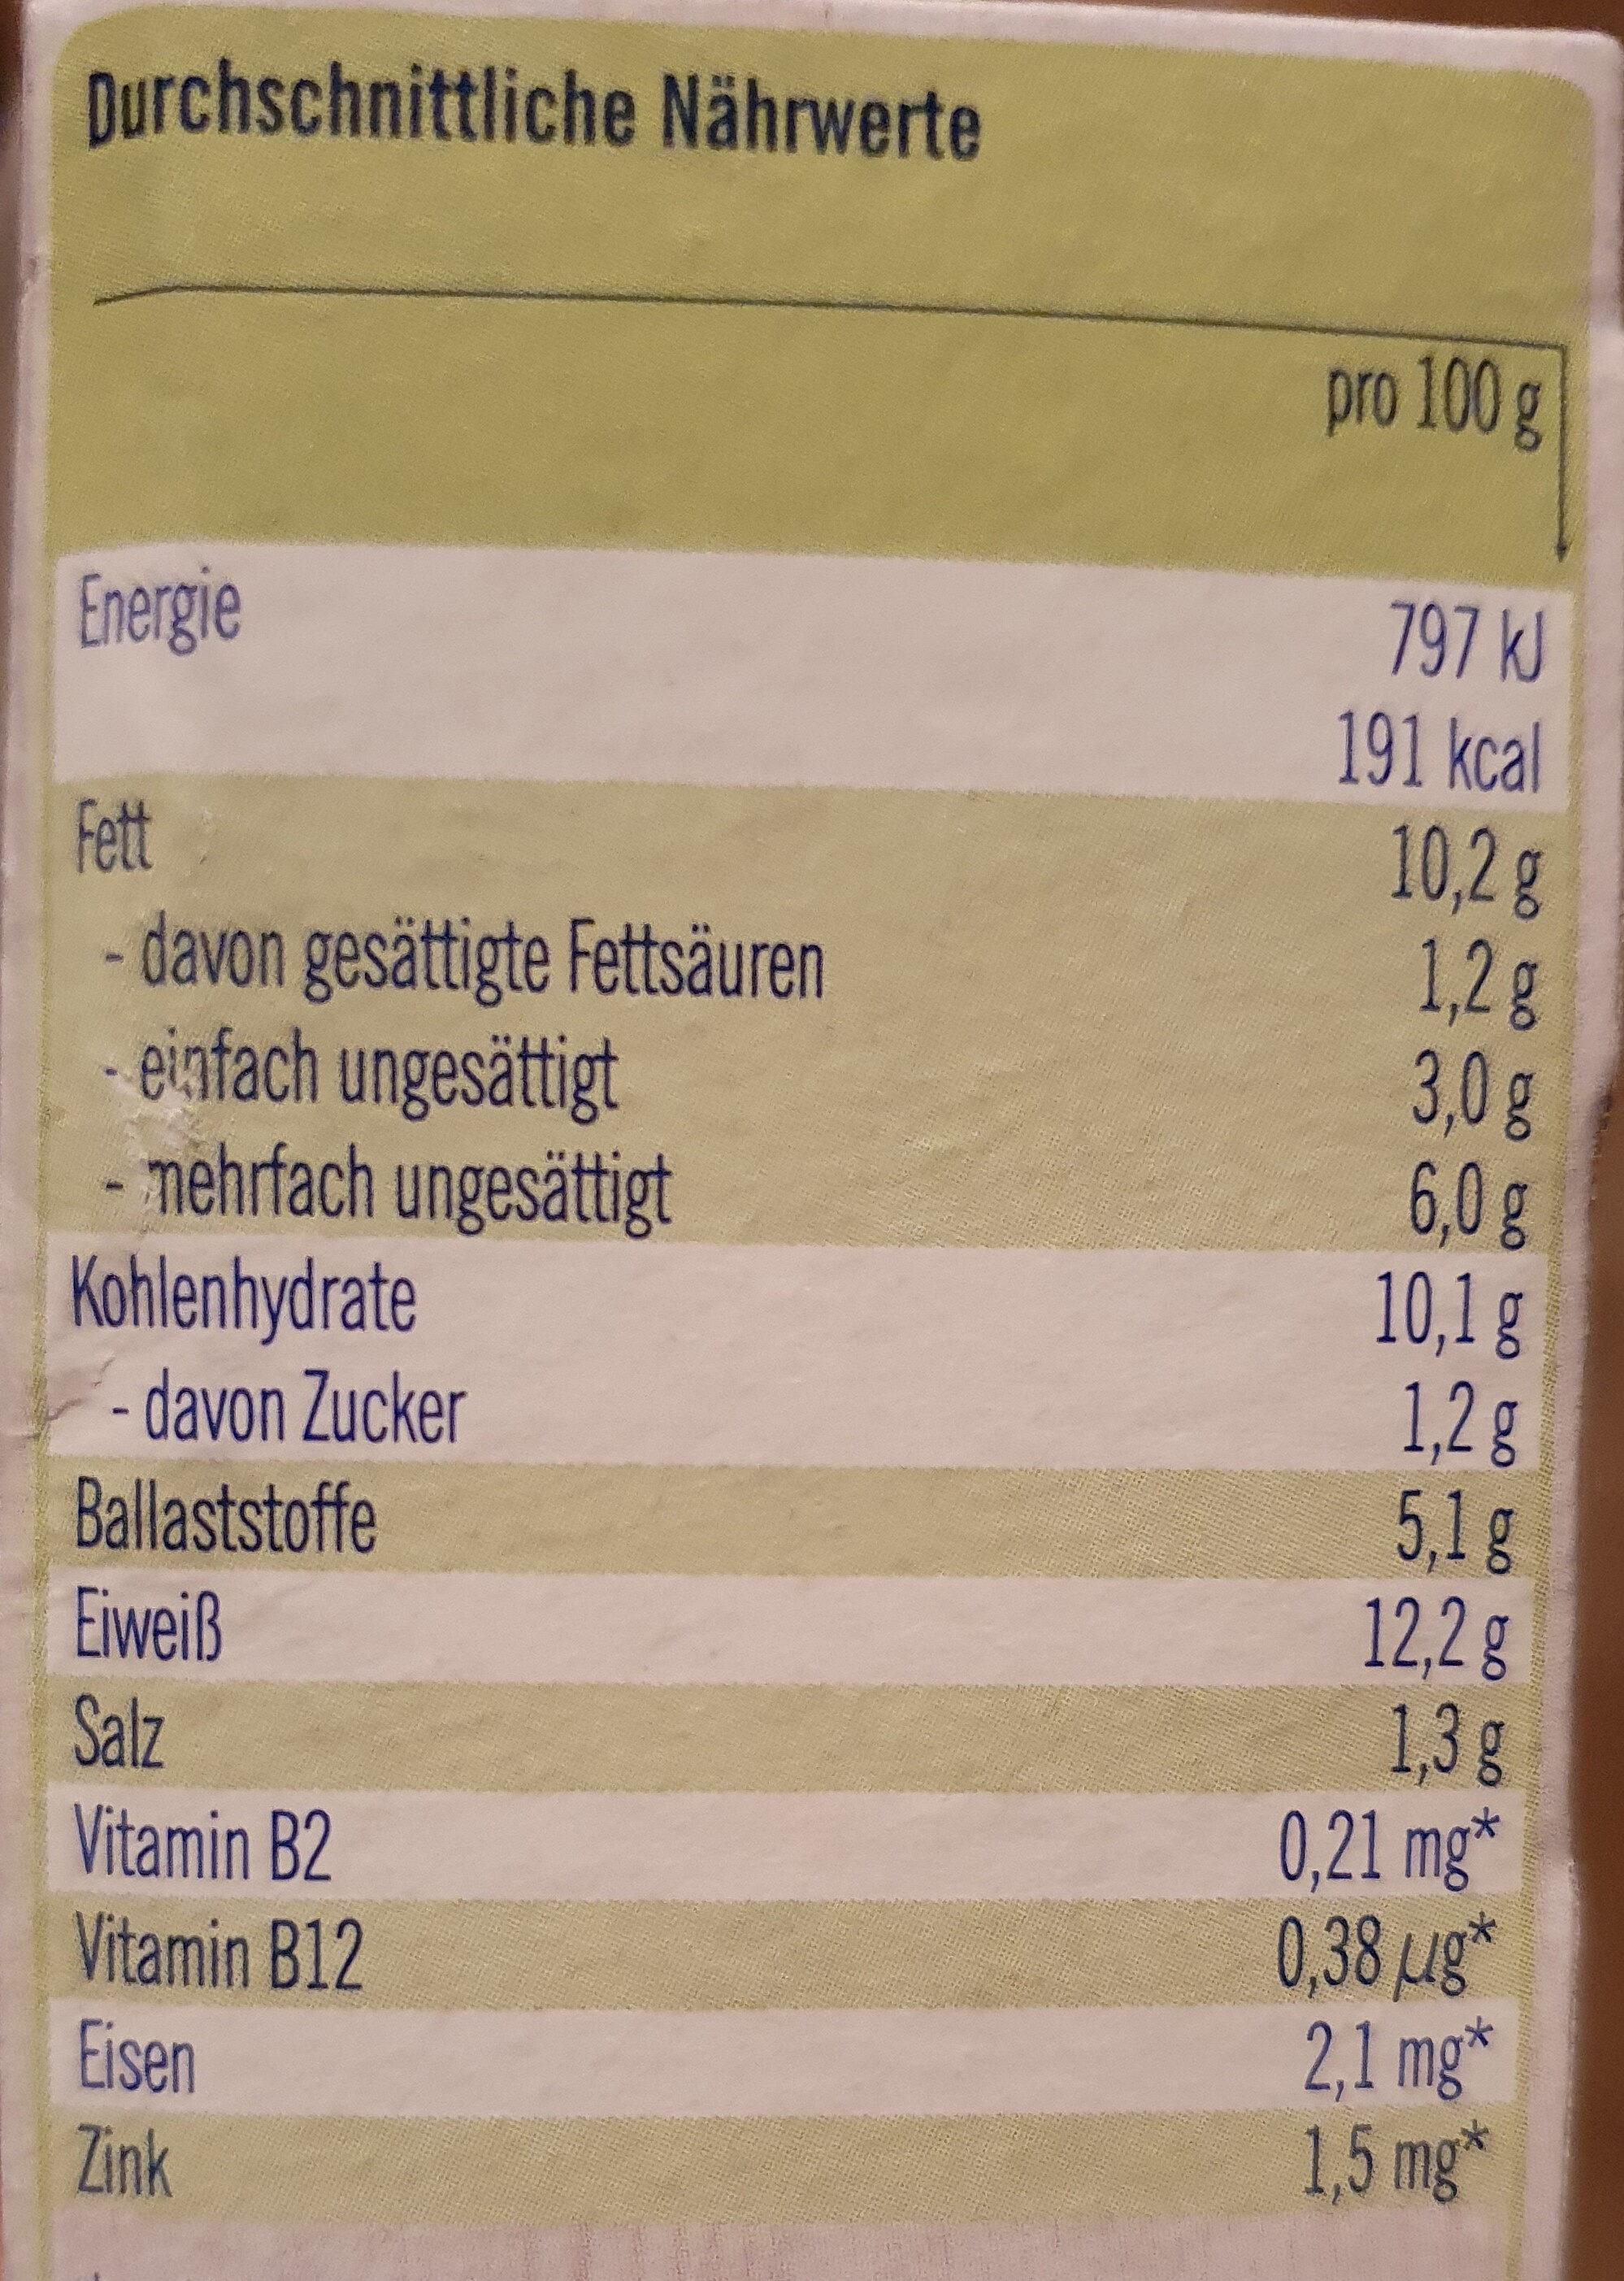 Spinatschnitzel - Nährwertangaben - de